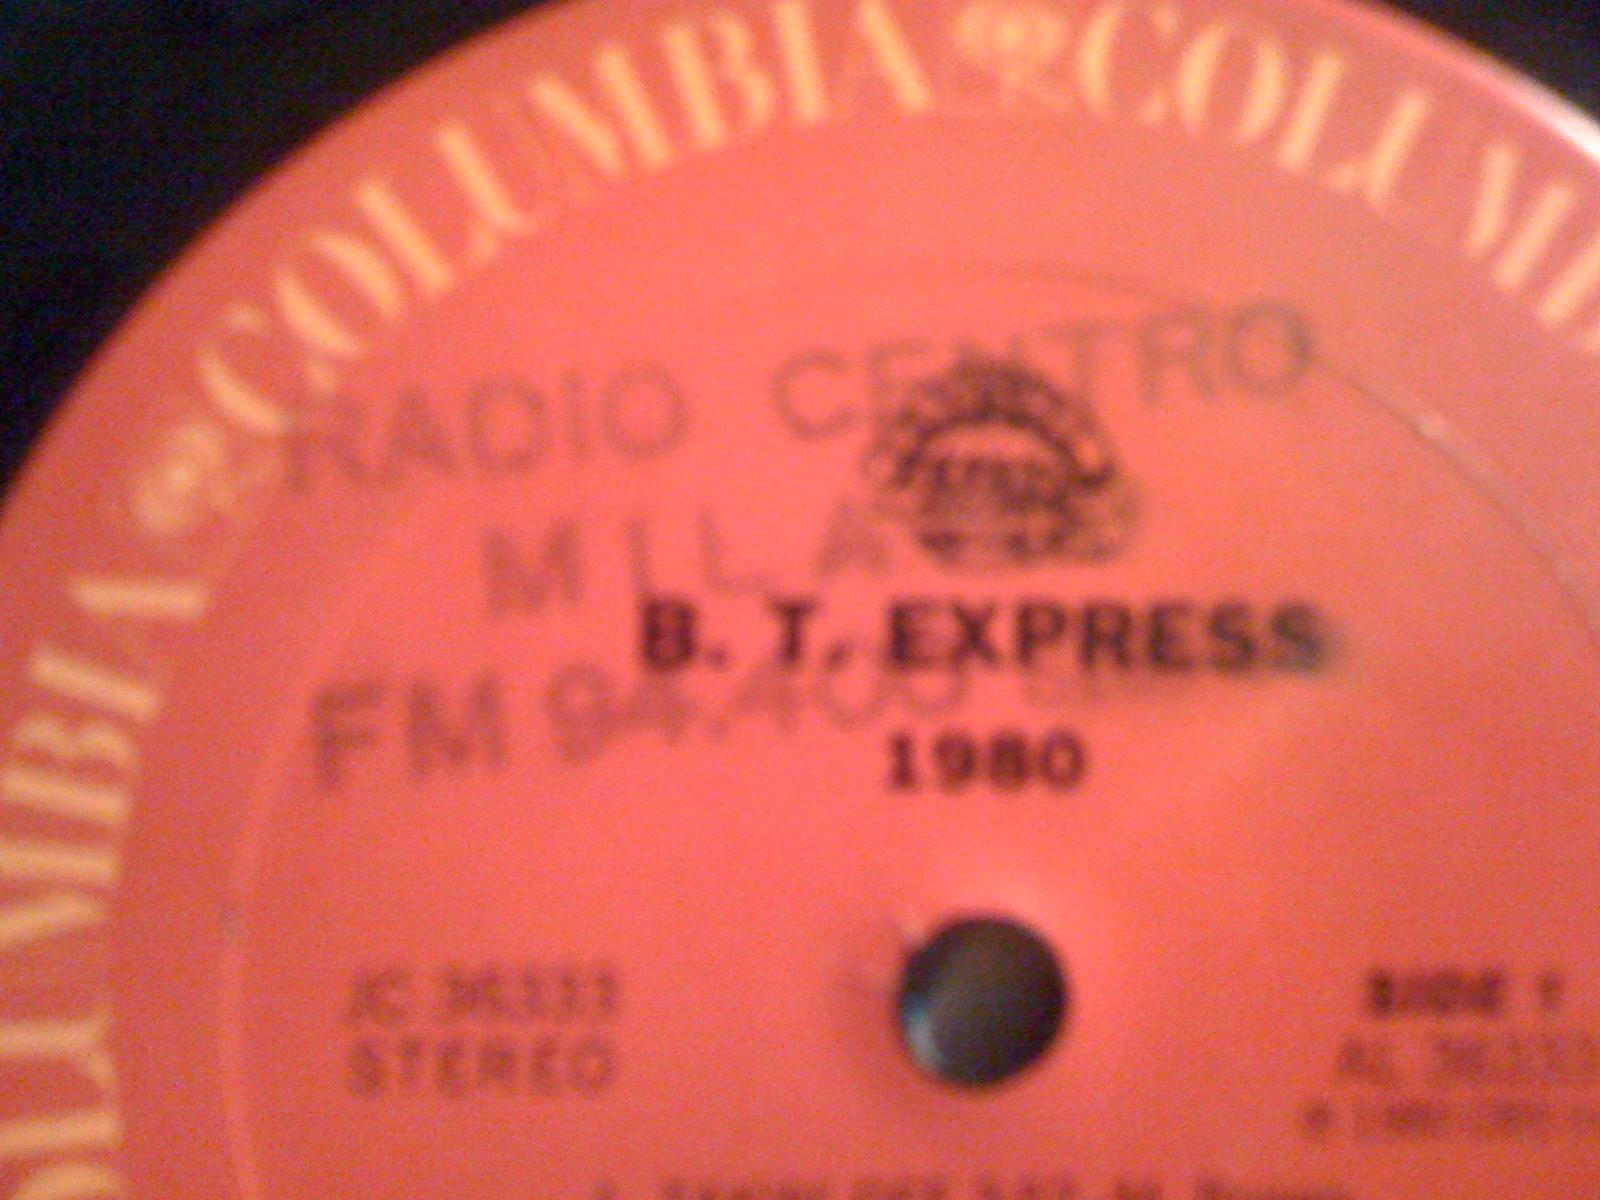 Radio20Centro20Milano vinile 1 - Storia della radiotelevisione italiana. Milano, 1975-1980: tripudio della radiofonia effimera